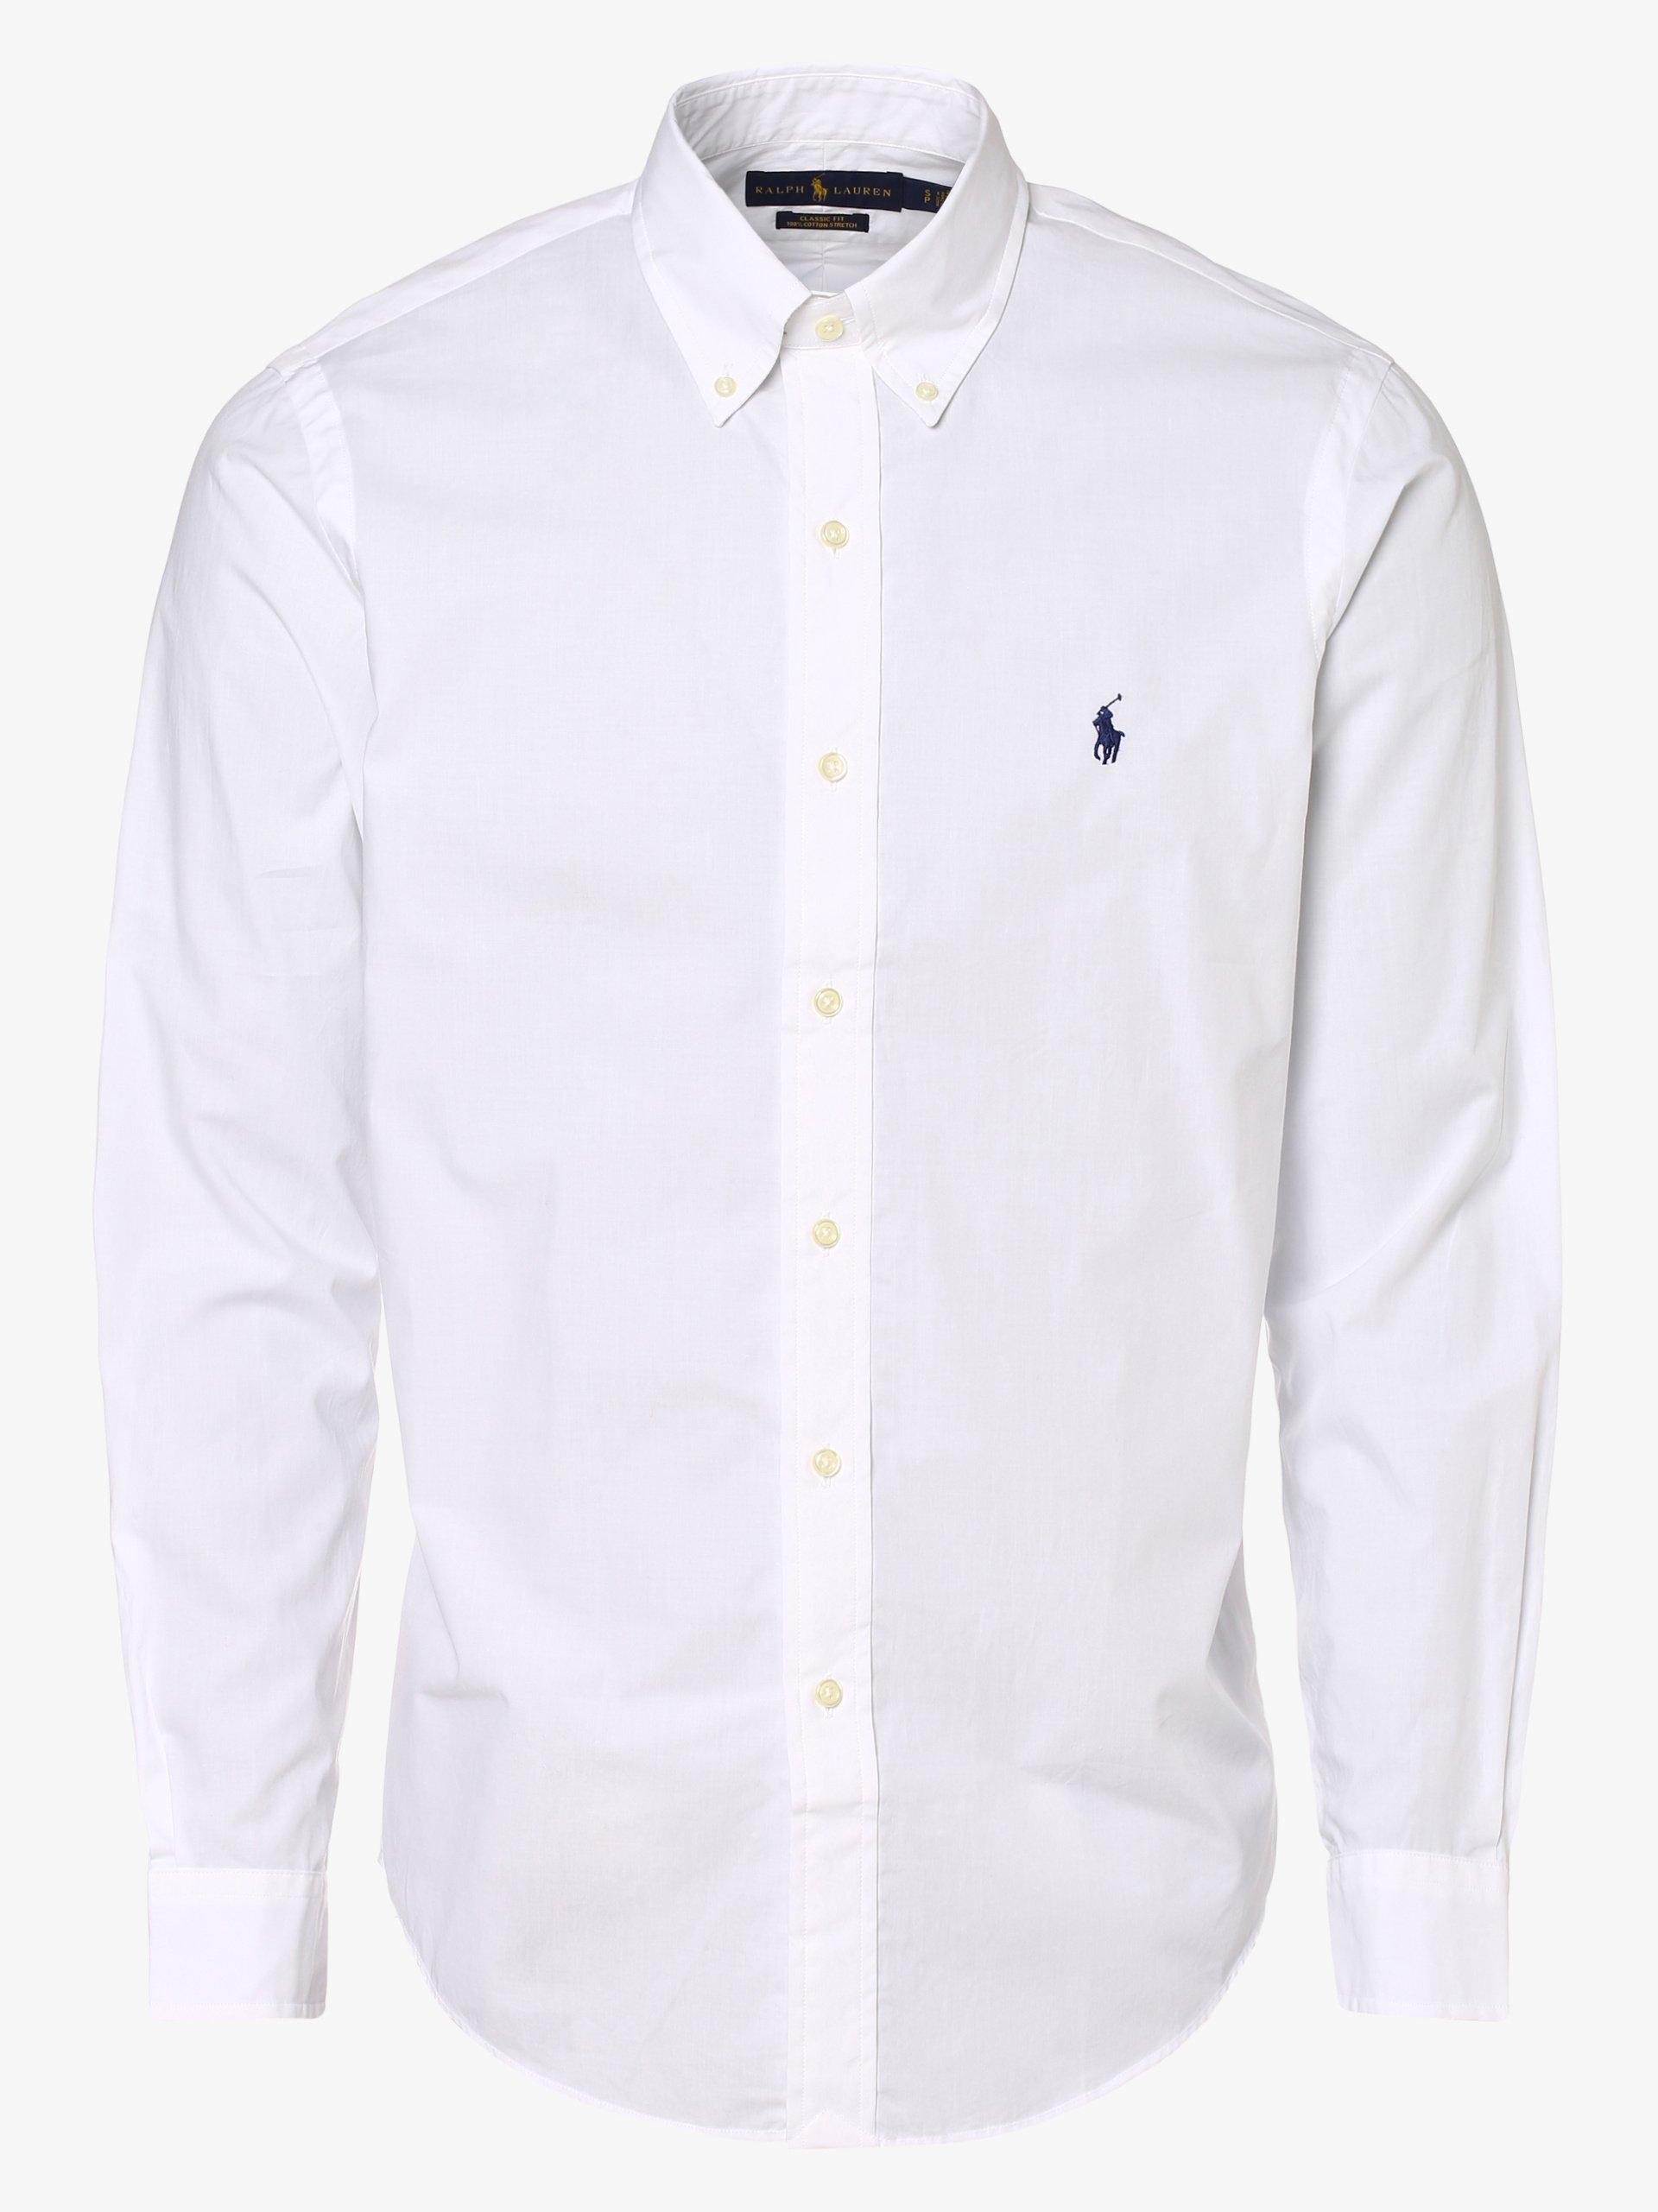 Polo Ralph Lauren Herren Hemd - Classic Fit